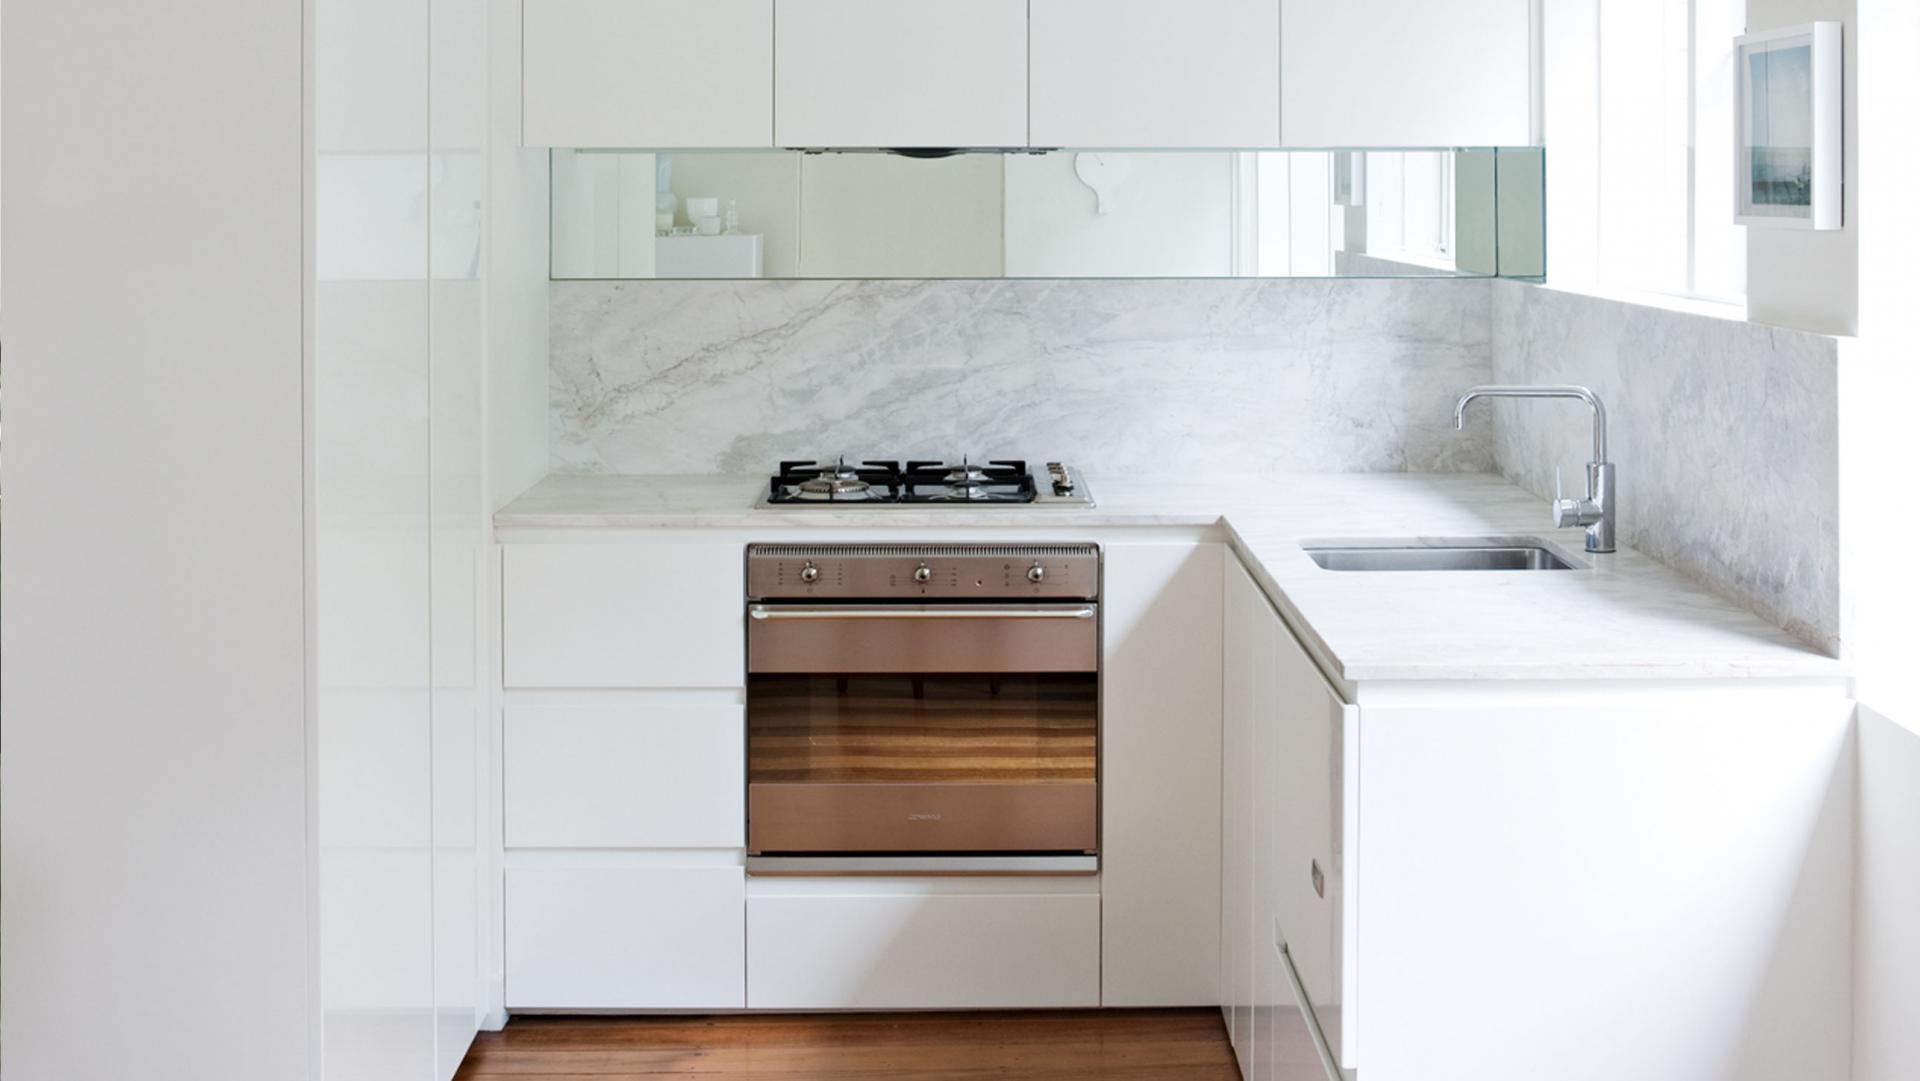 lille-hvid-køkken-rd11-20151027162447-Q75-dx1920y-u1r1g0-c